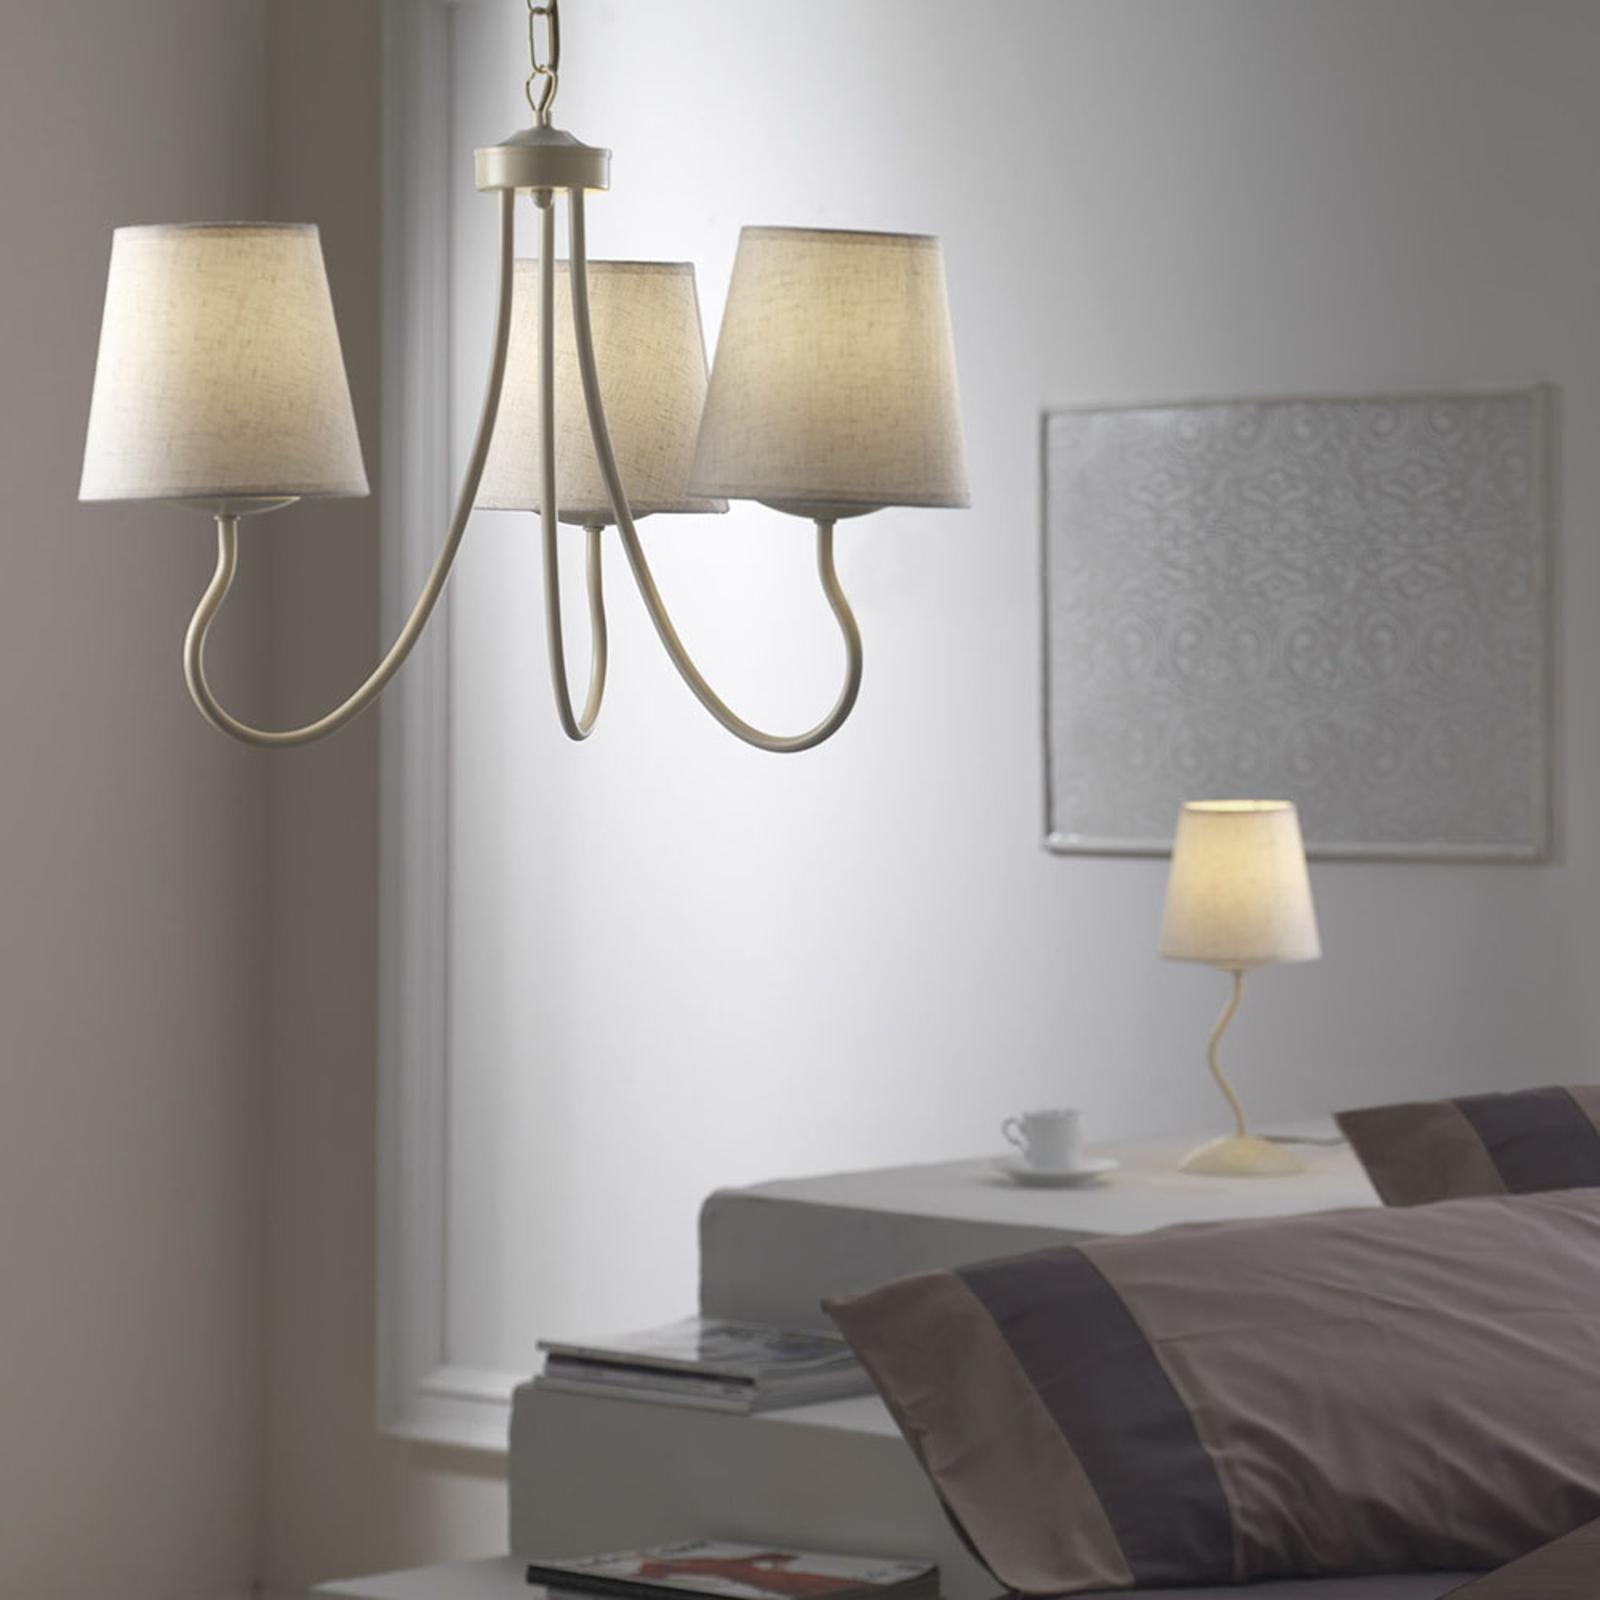 Lampa wisząca Margot trzy klosze z tkaniny biała